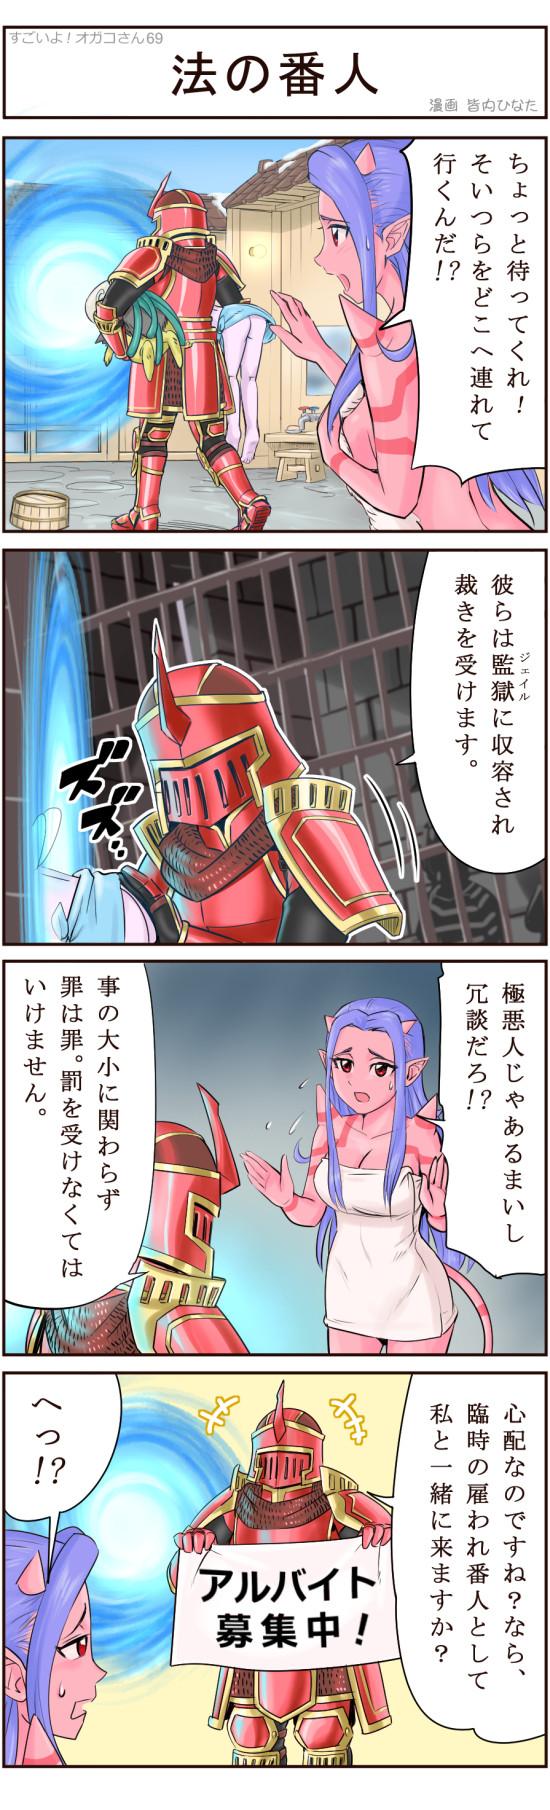 DQX4コマ漫画すごいよ!オガコさん第69話「法の番人」皆内ひなた